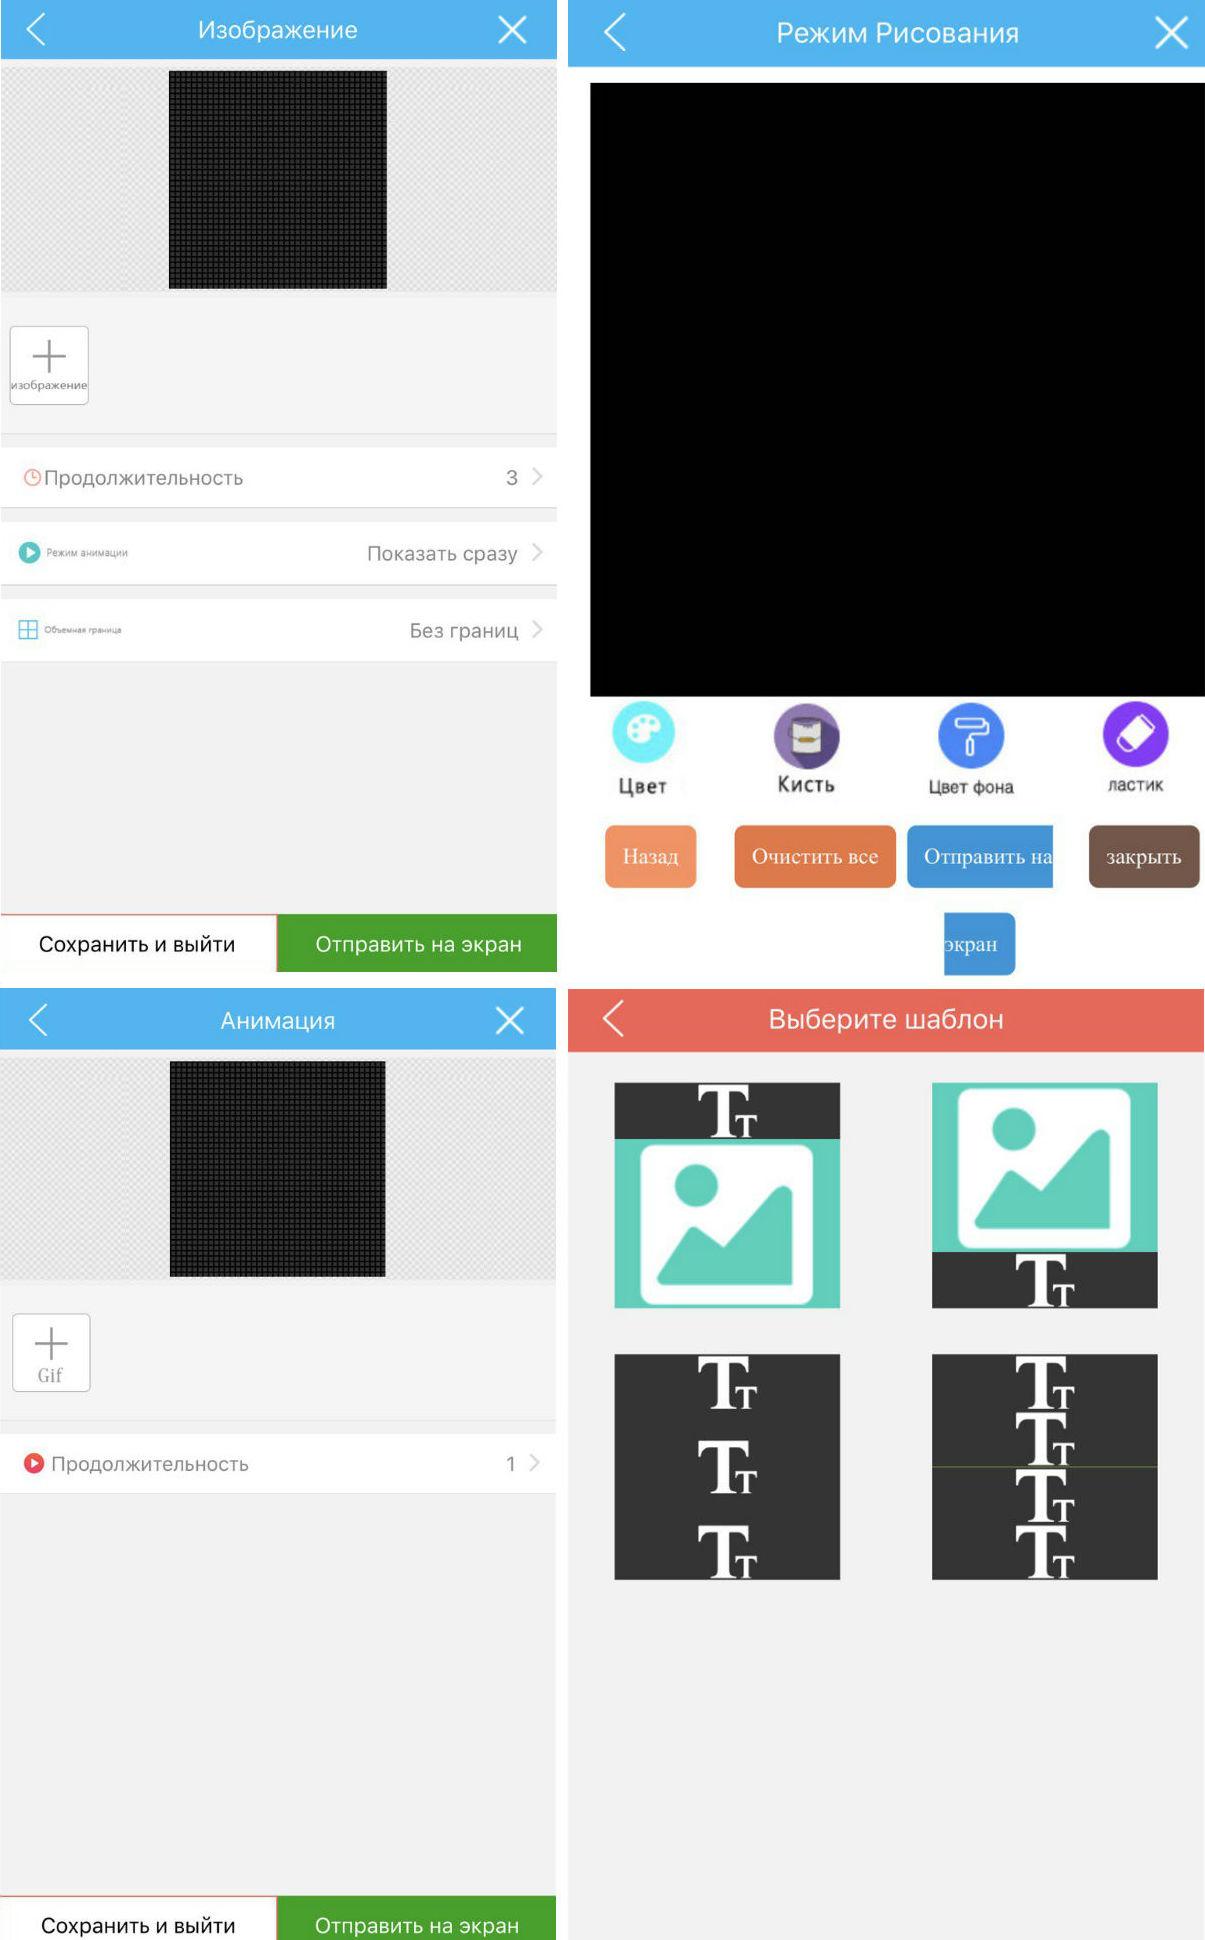 Новое слово в «рюкзакостроении»: встречайте модель с экраном Pixel — мой LED-опыт и впечатления - 42